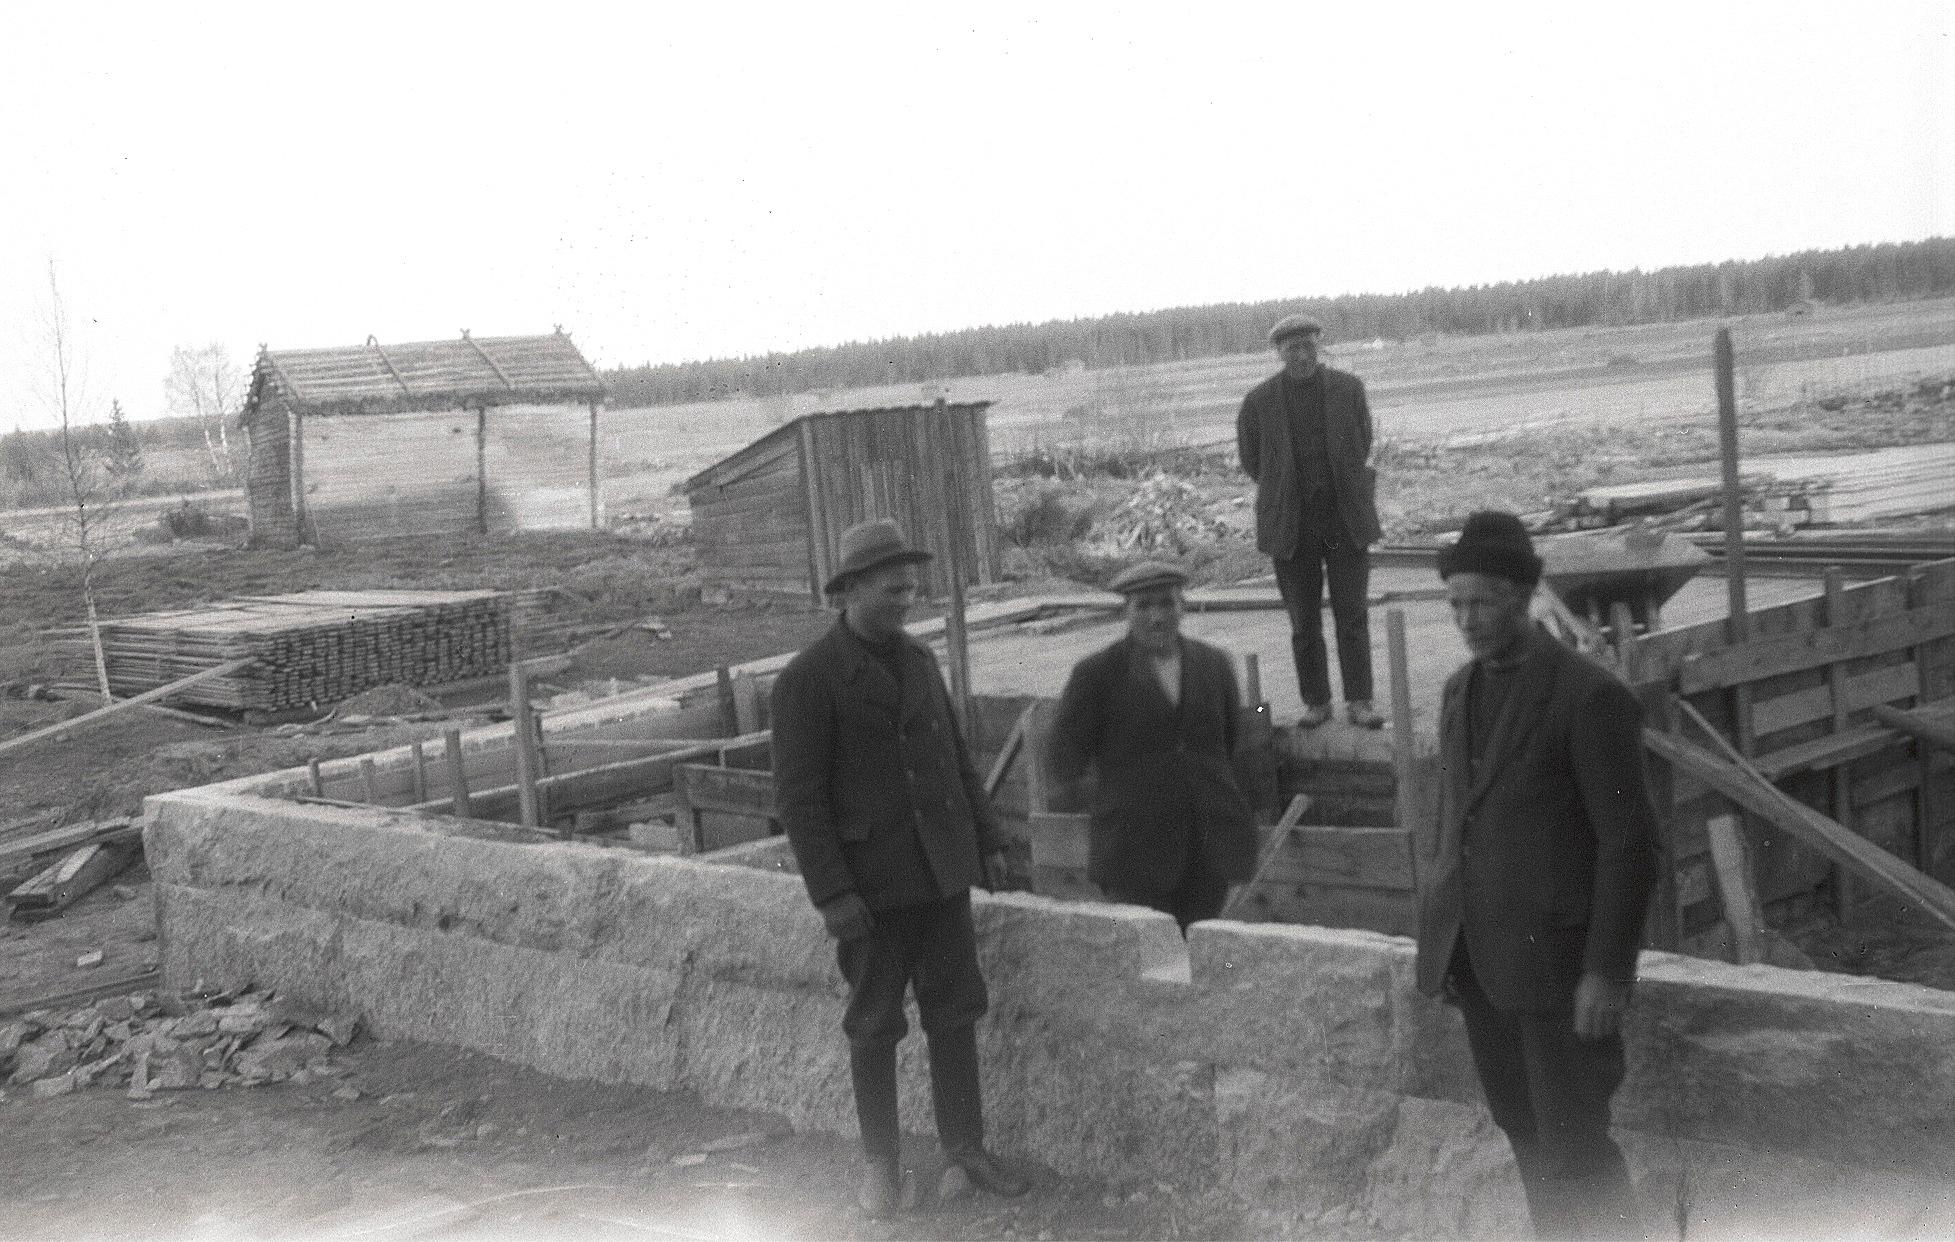 Stenfoten är lagd på tillbyggnaden vid södra folkskolan i Lappfjärd och den granskas här av Karl Knus och Emil Ekman till vänster. Längst bak står entreprenören Erland Krook och till höger står fullmäktigeordförande Viktor Rosenstedt.